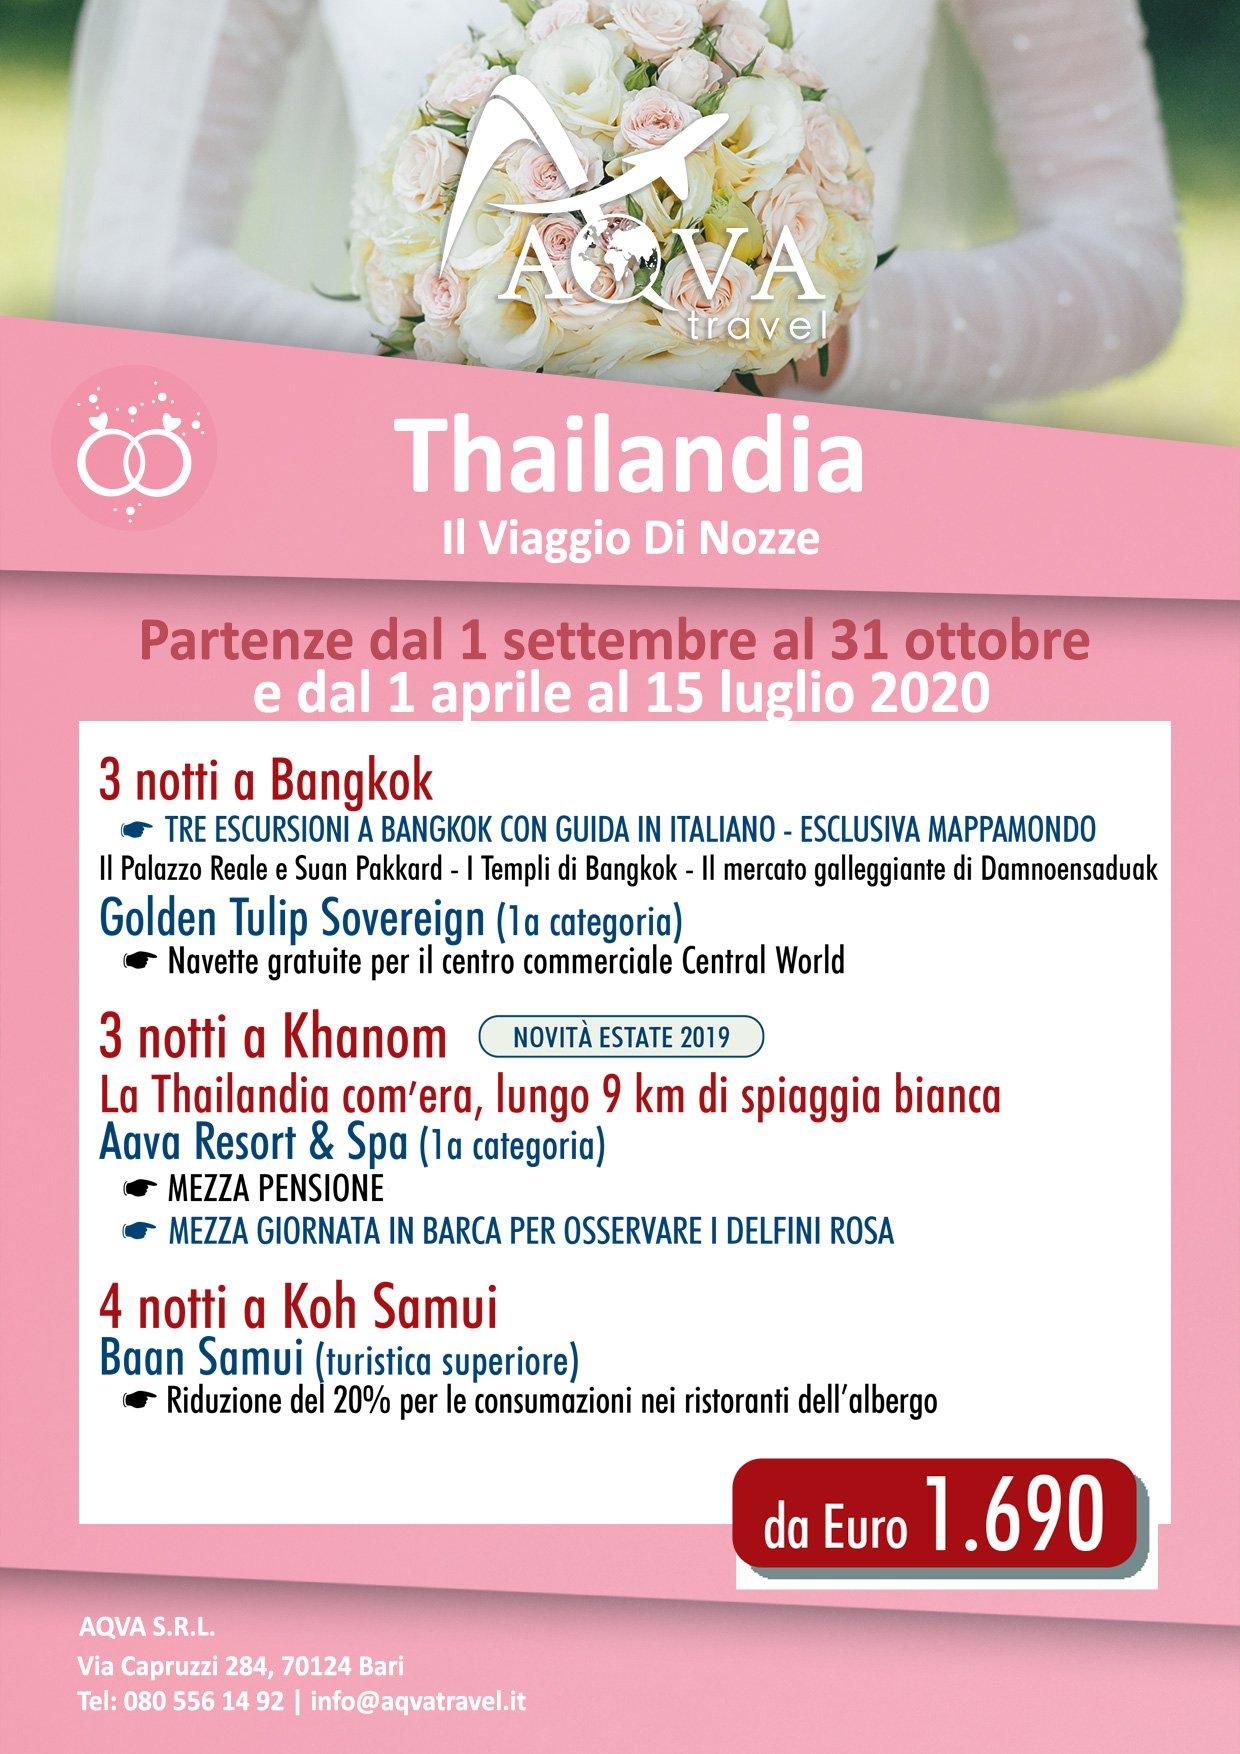 Thailandia-Il-Viaggio-Di-Nozze-offerte-agenzia-di-viaggi-Bari-AQVATRAVEL-it